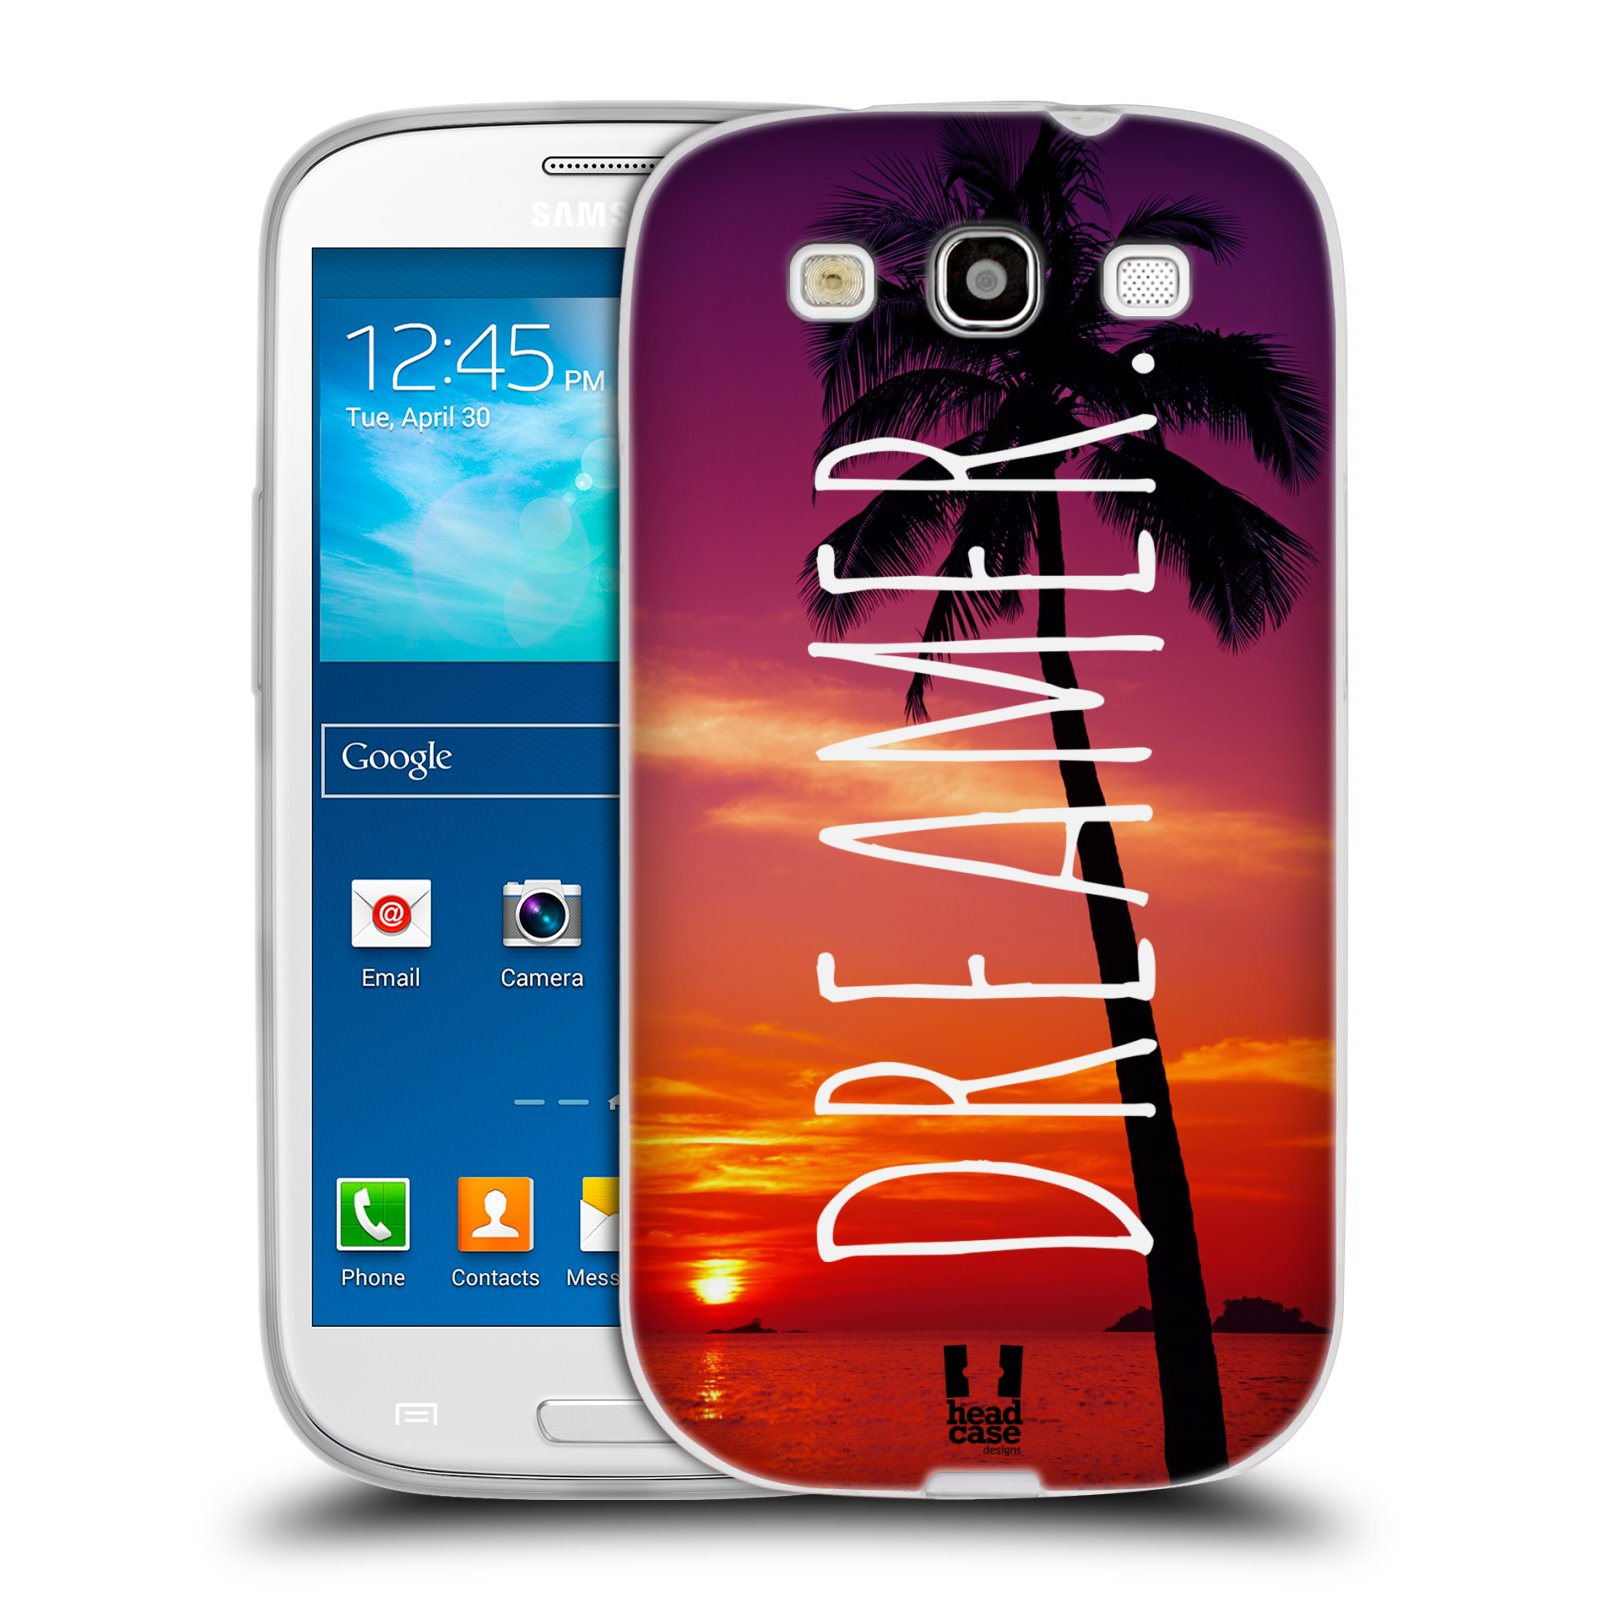 Silikonové pouzdro na mobil Samsung Galaxy S3 Neo HEAD CASE MIX DREAMER (Silikonový kryt či obal na mobilní telefon Samsung Galaxy S3 Neo GT-i9301i)